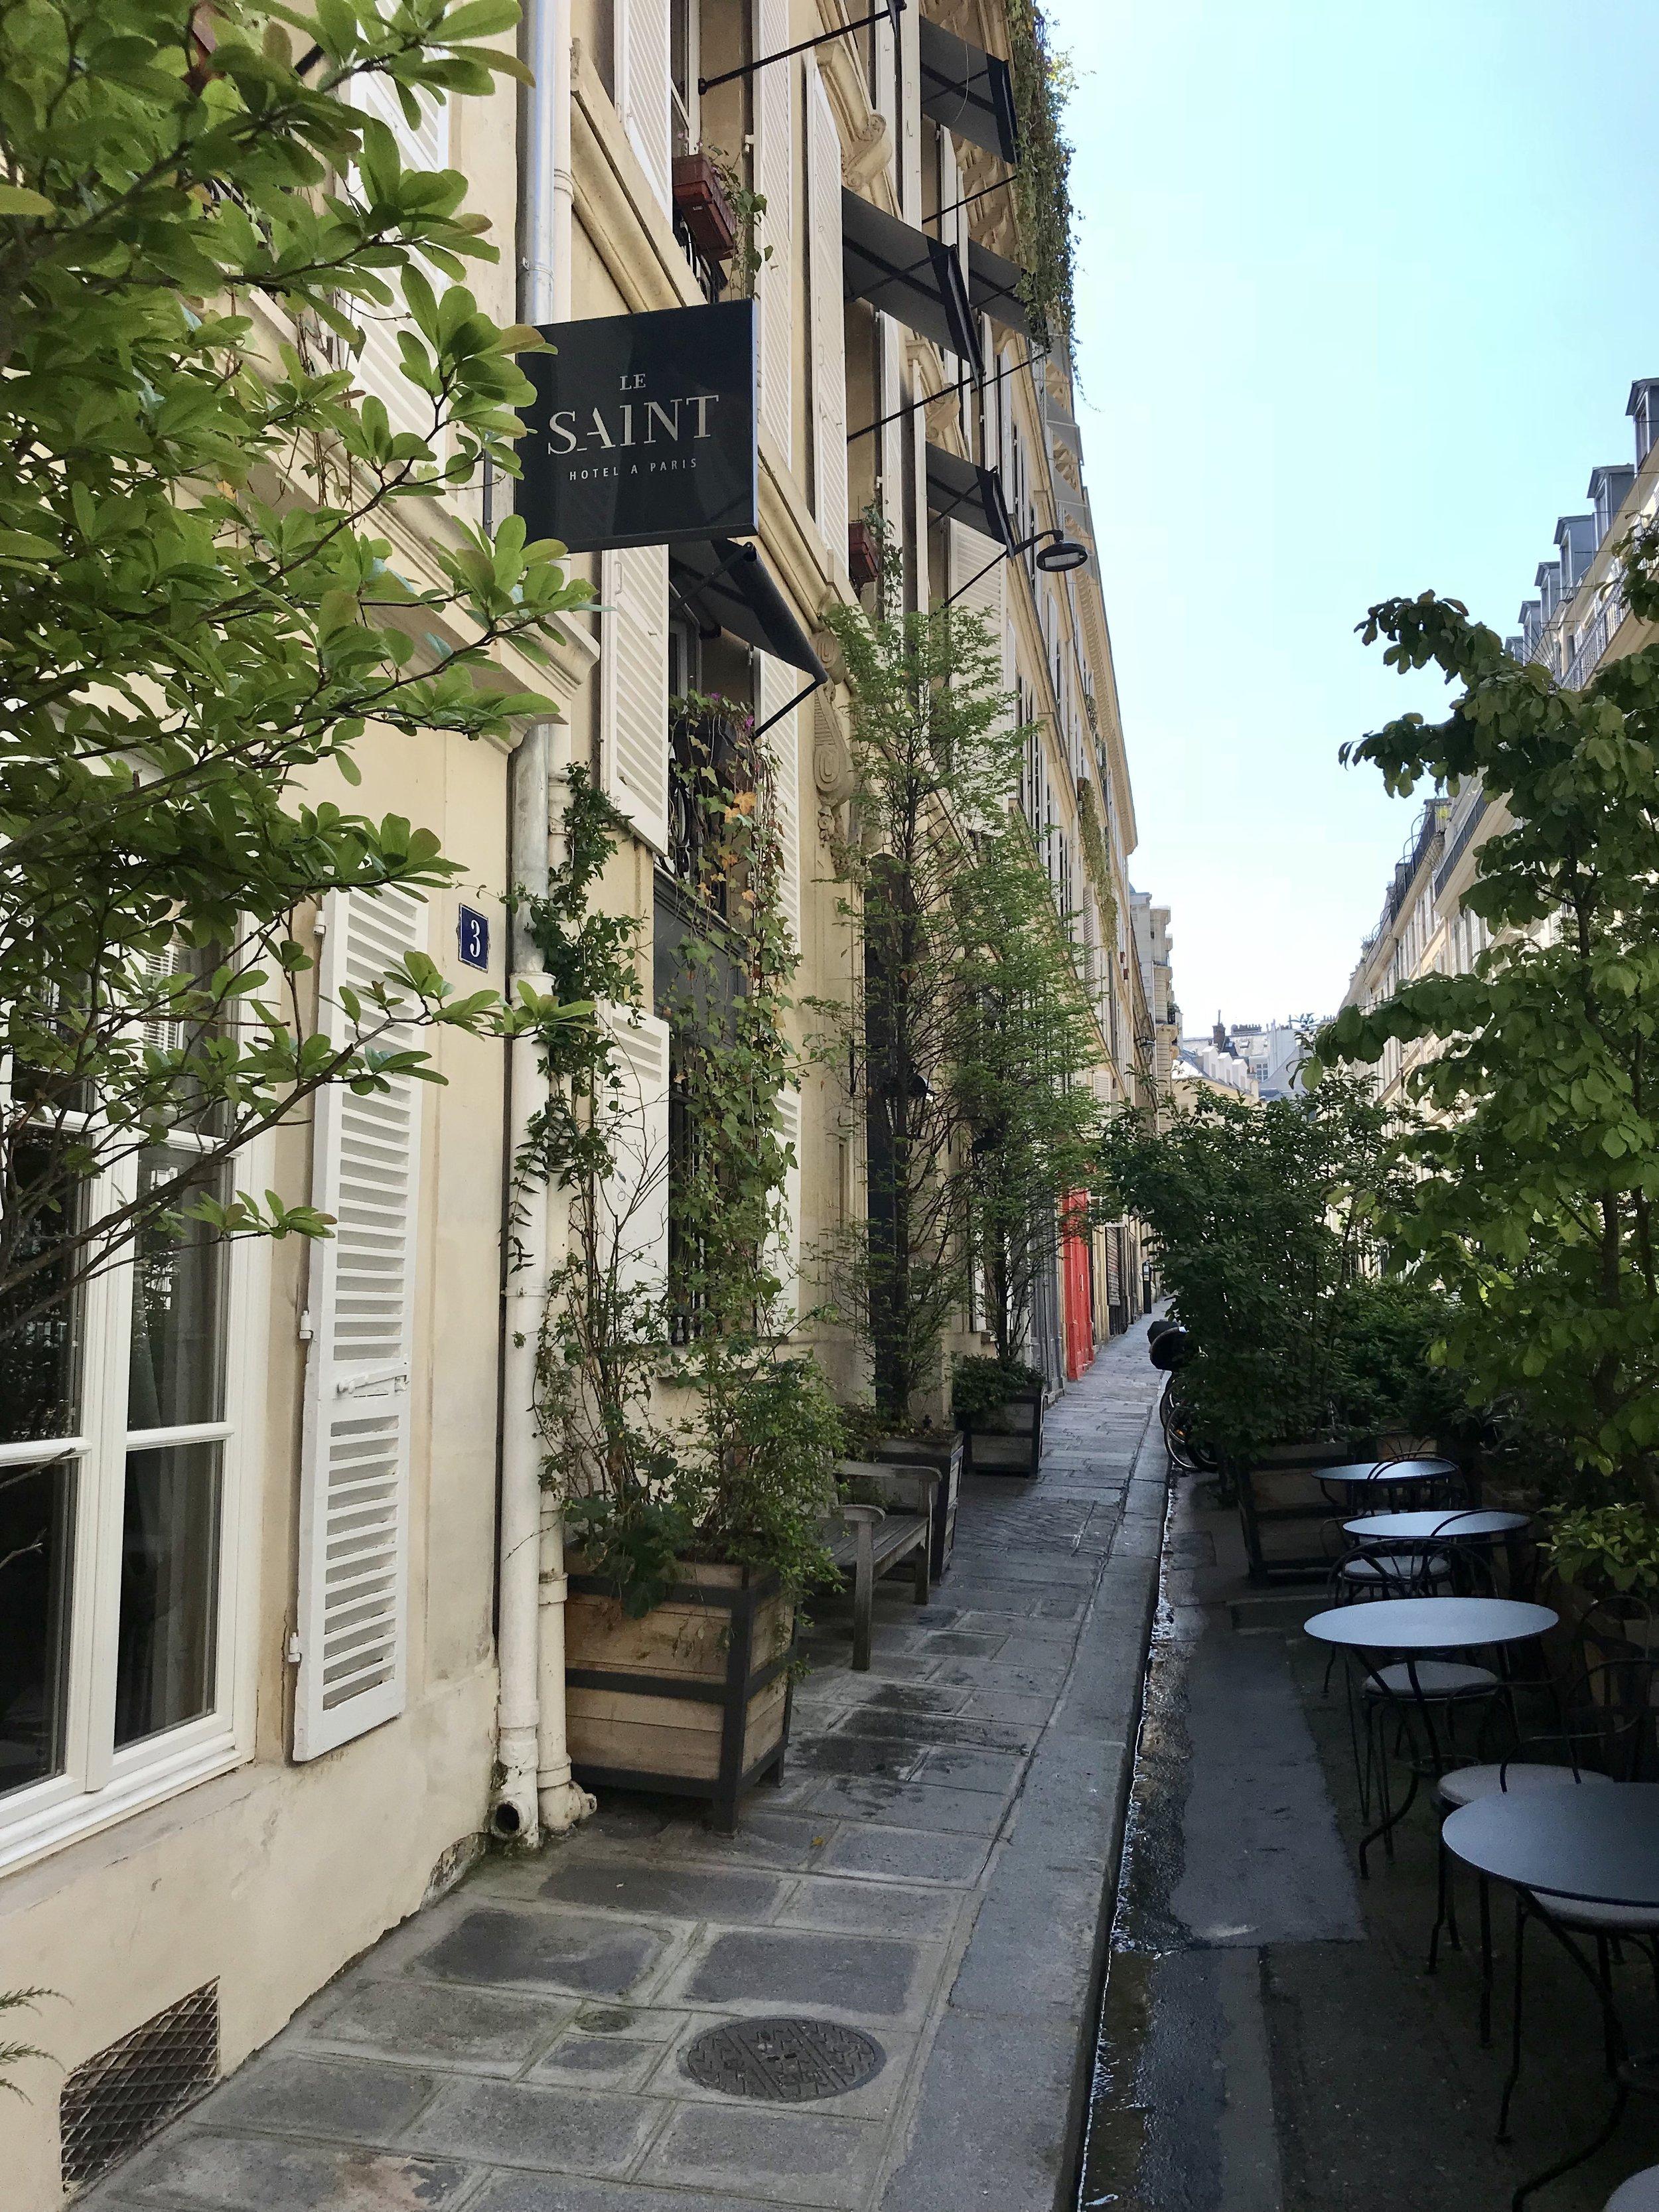 Le Saint Hotel